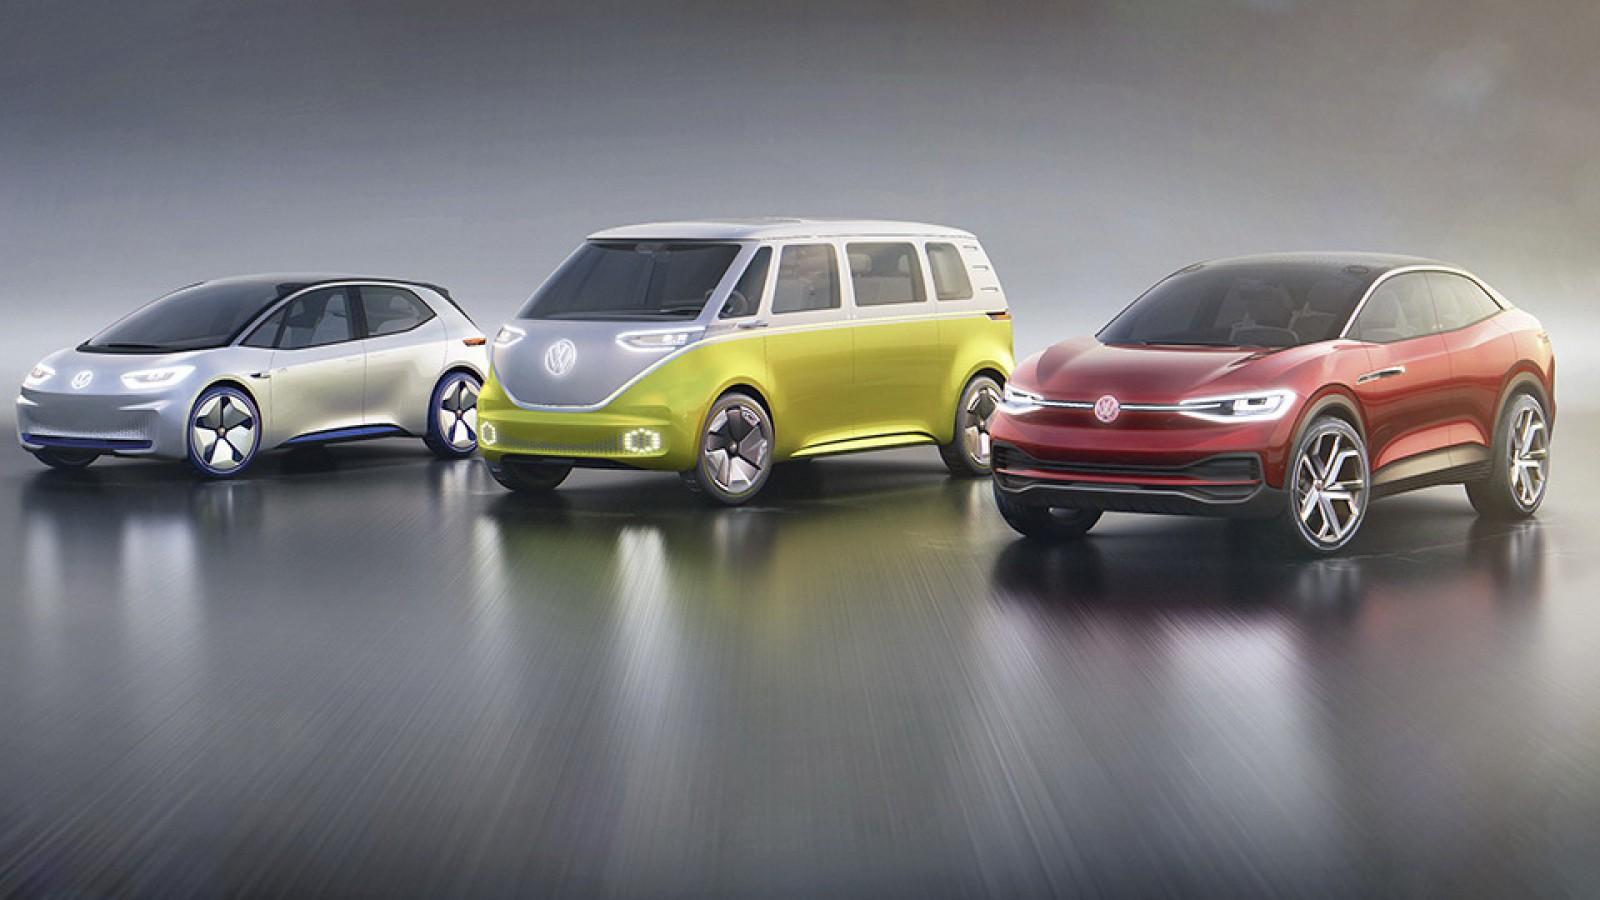 Numărătoare inversă pentru VW. Anunţul despre ce se va întâmpla peste 100 de săptămâni a fost făcut public